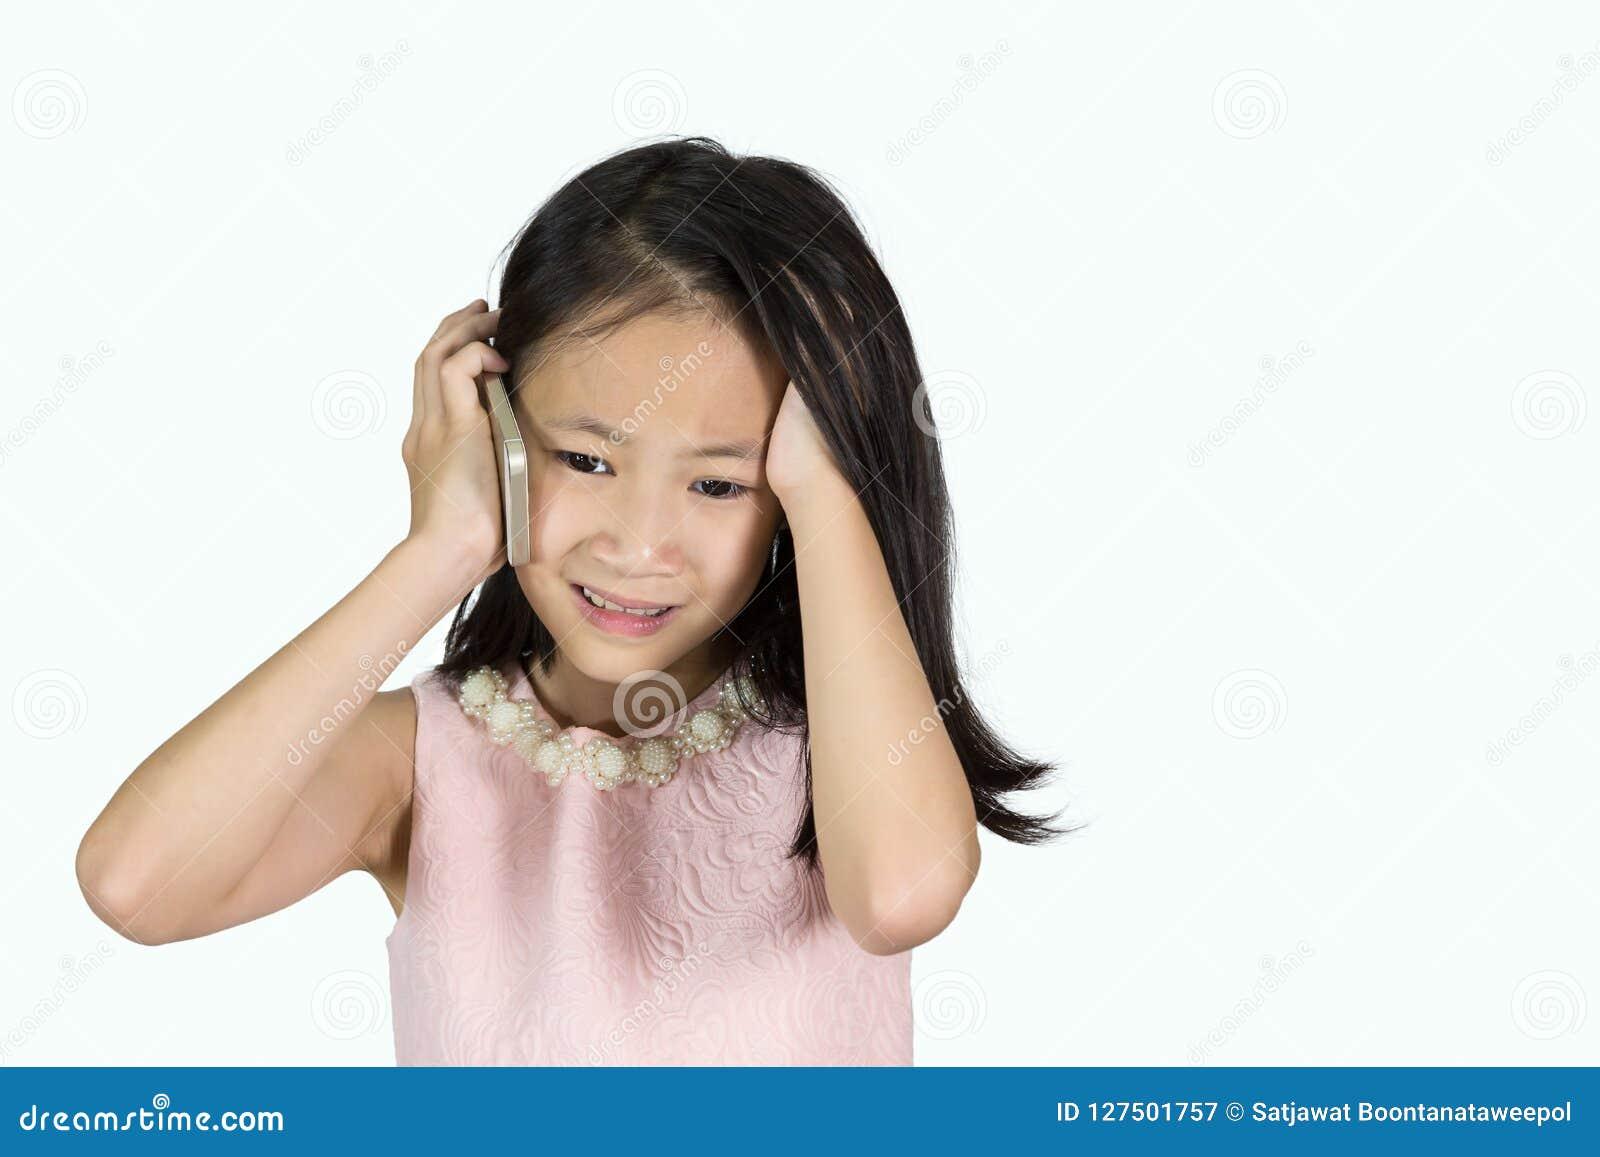 La muchacha asiática está utilizando un teléfono móvil aislado en el fondo blanco, tensión, triste